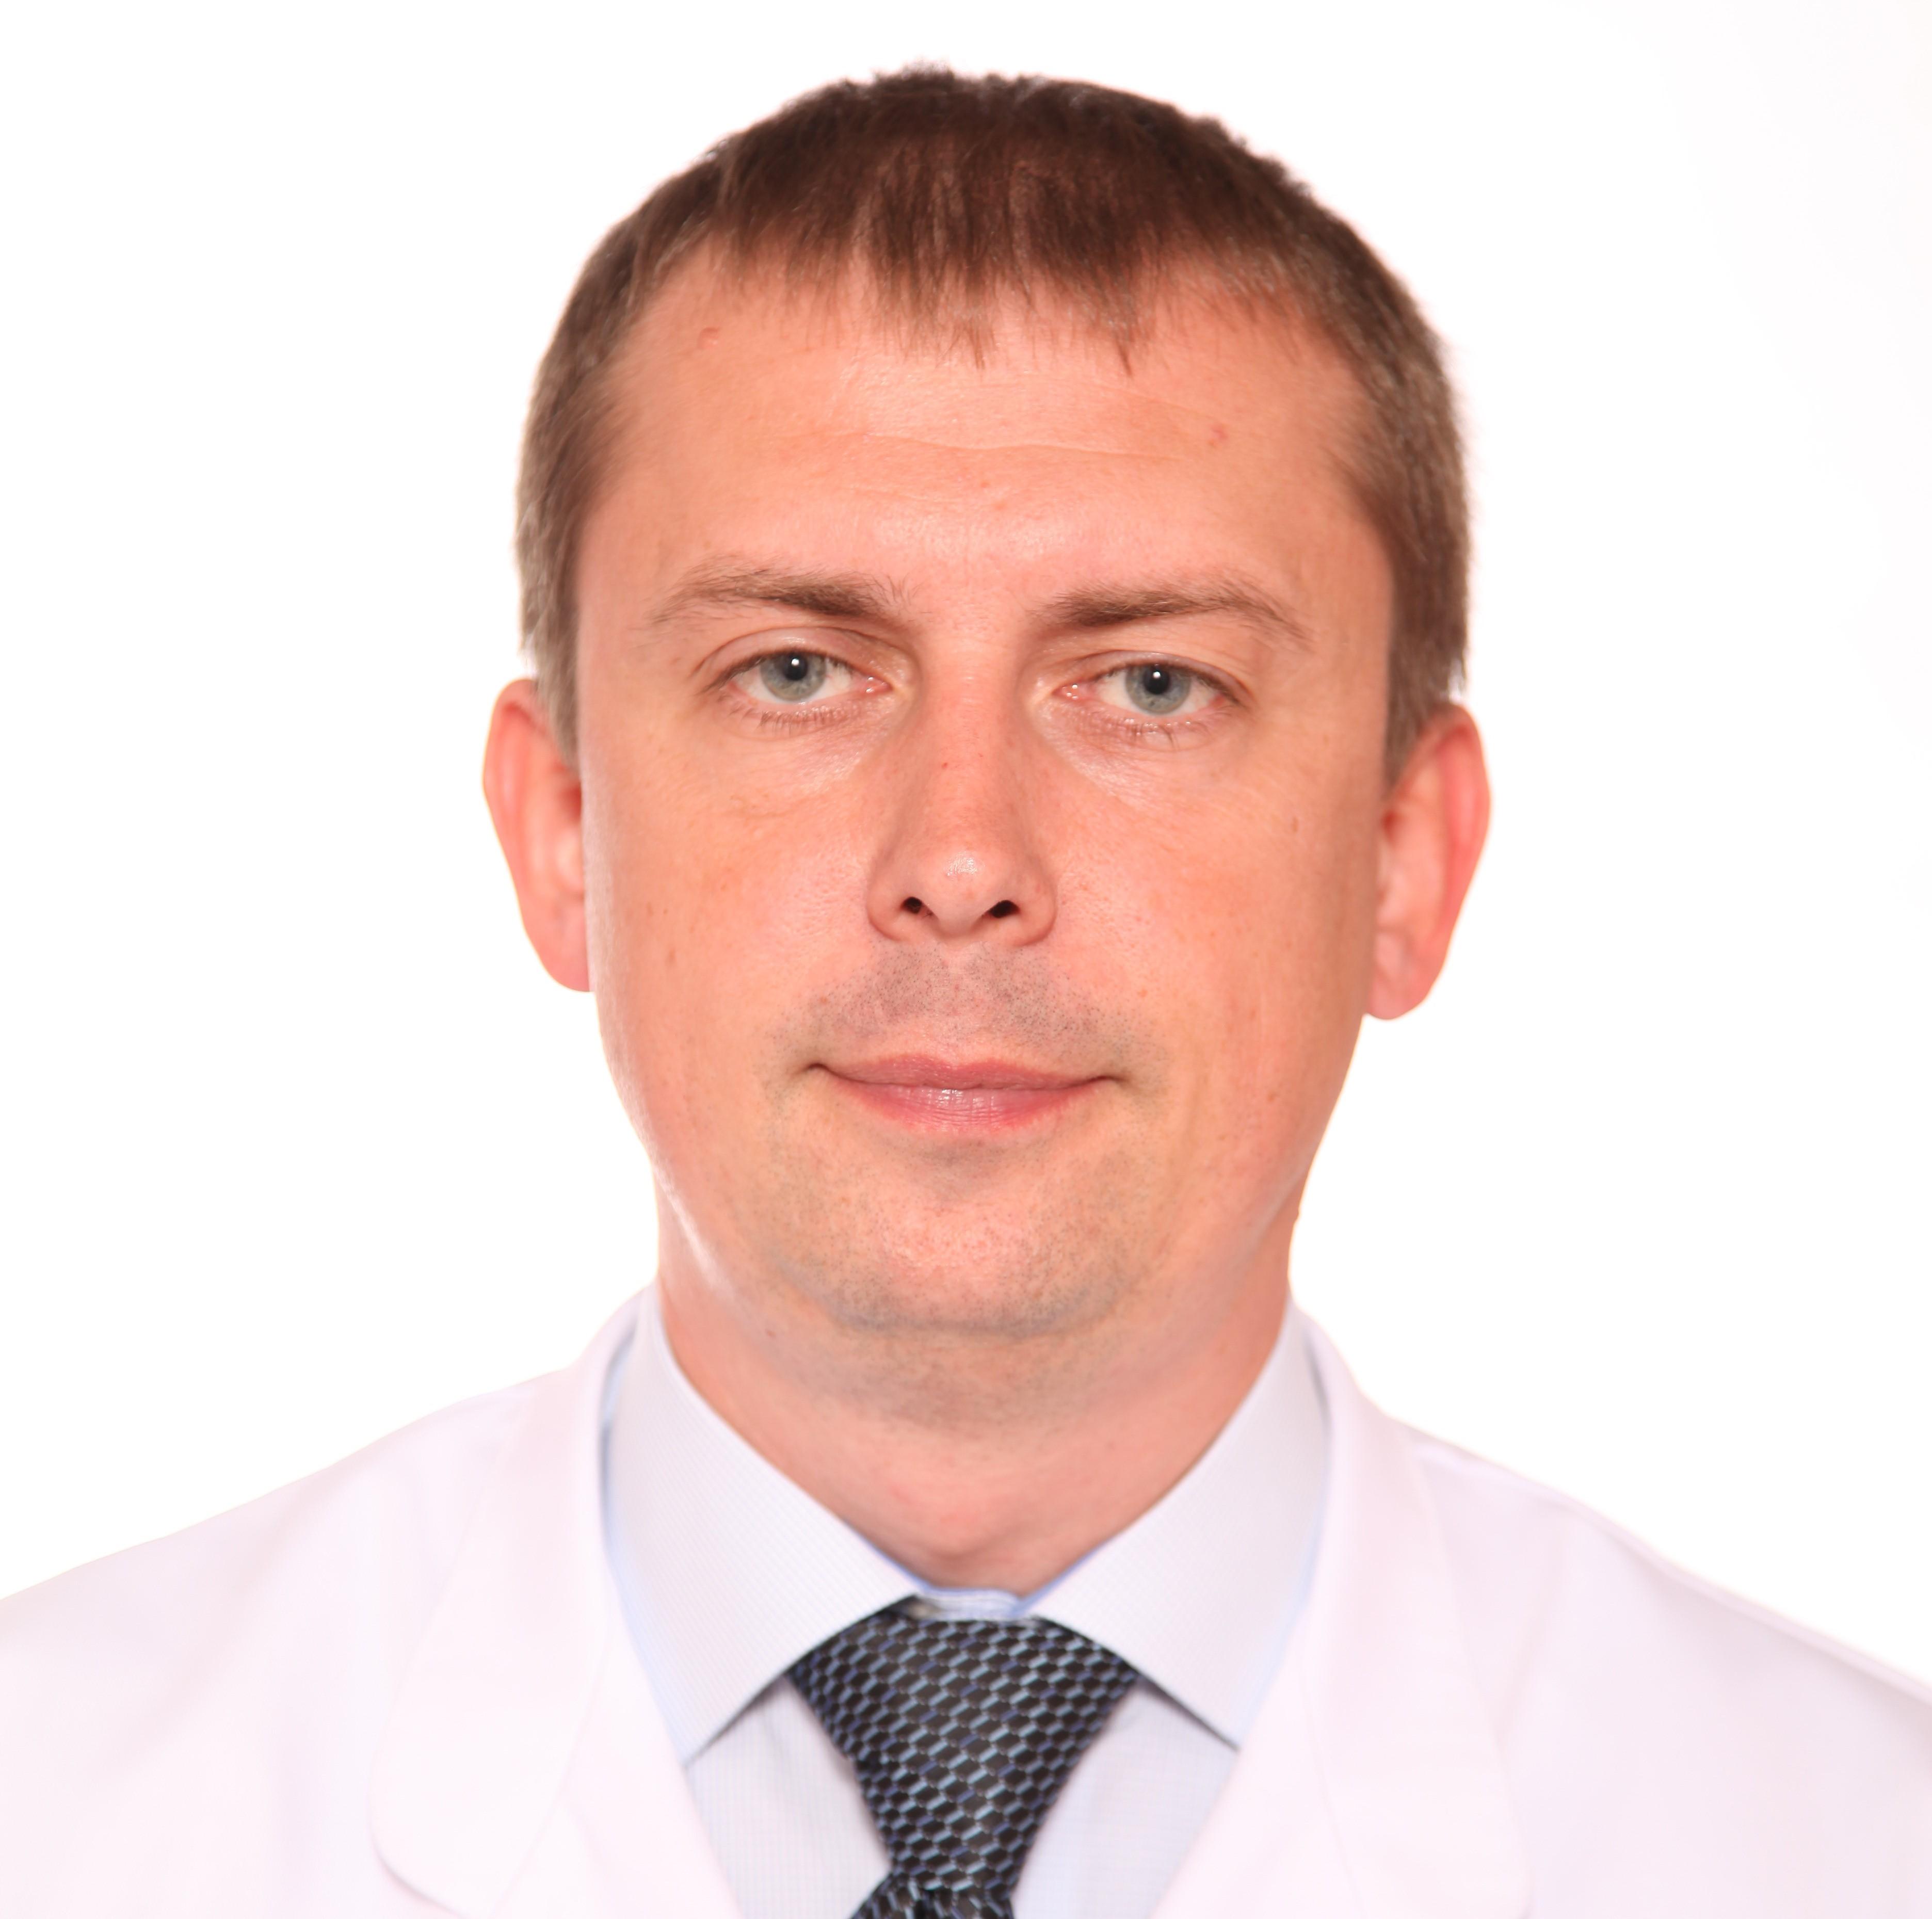 фото врачей в перми крышу